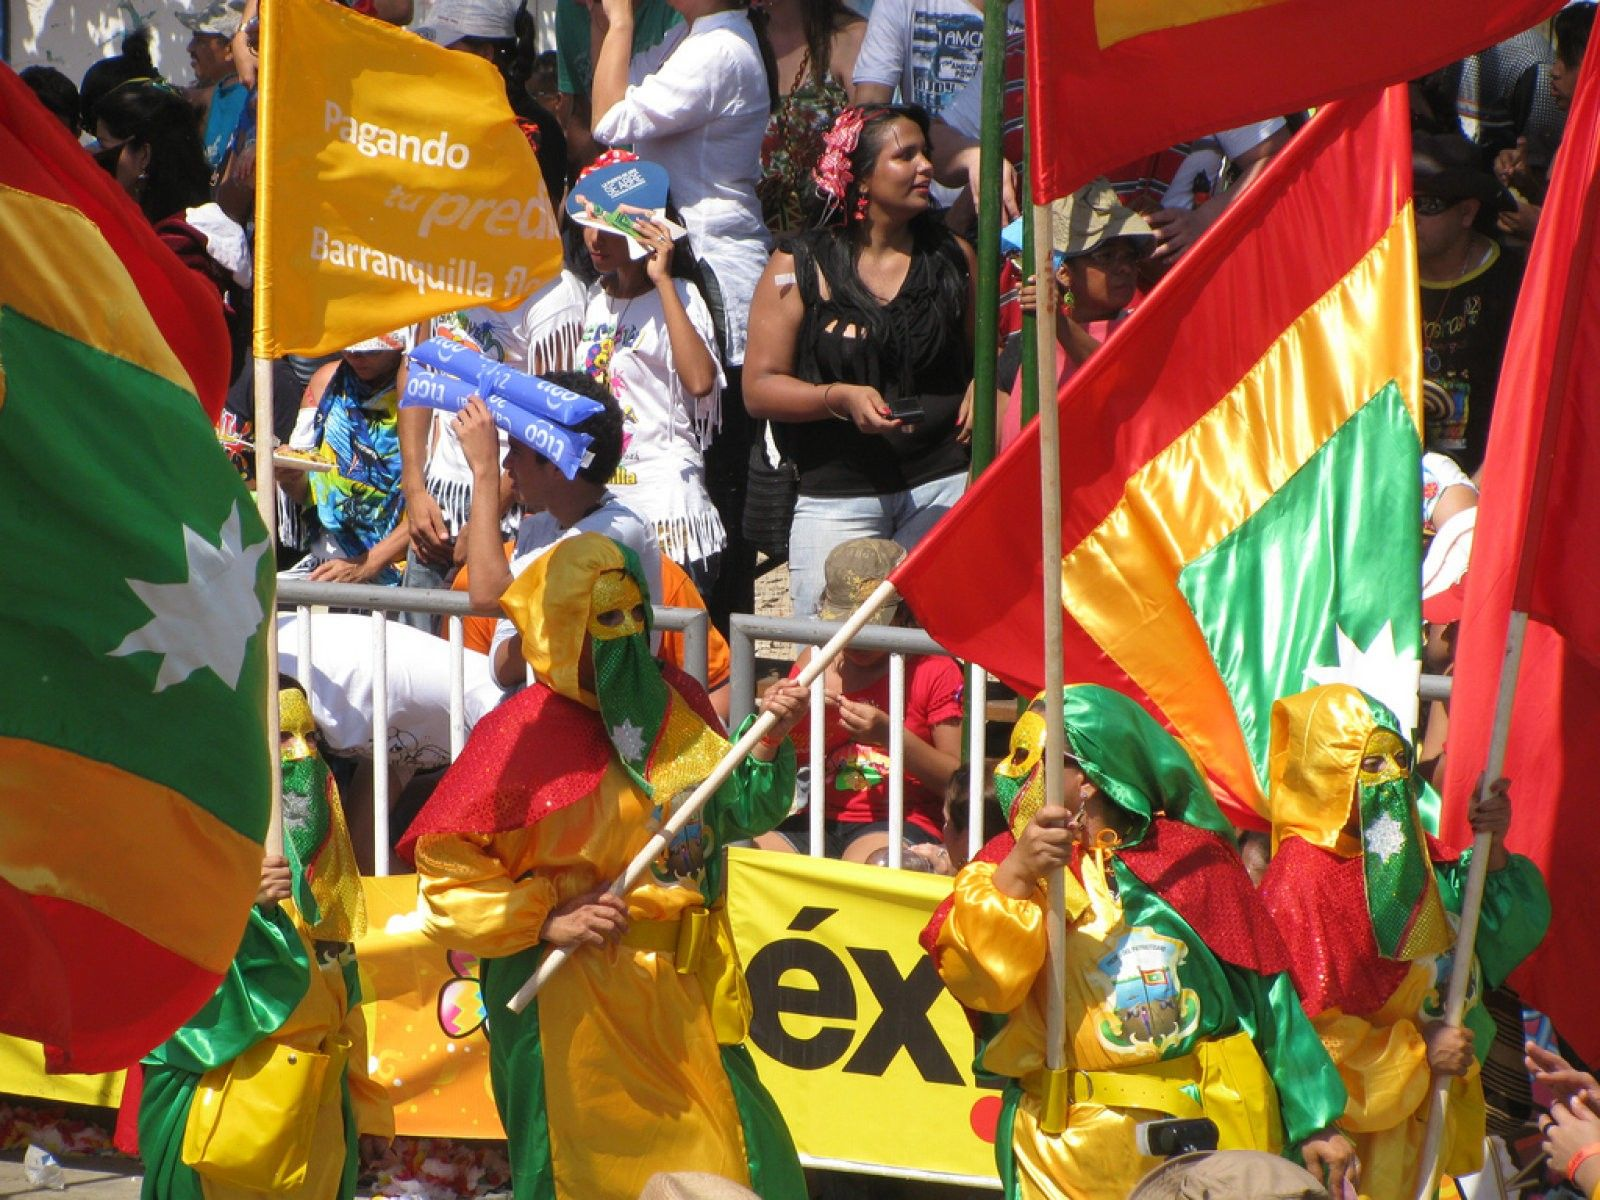 3dfa08aa7 El carnaval de Barranquilla es uno de los más célebres del mundo. Cada año  más